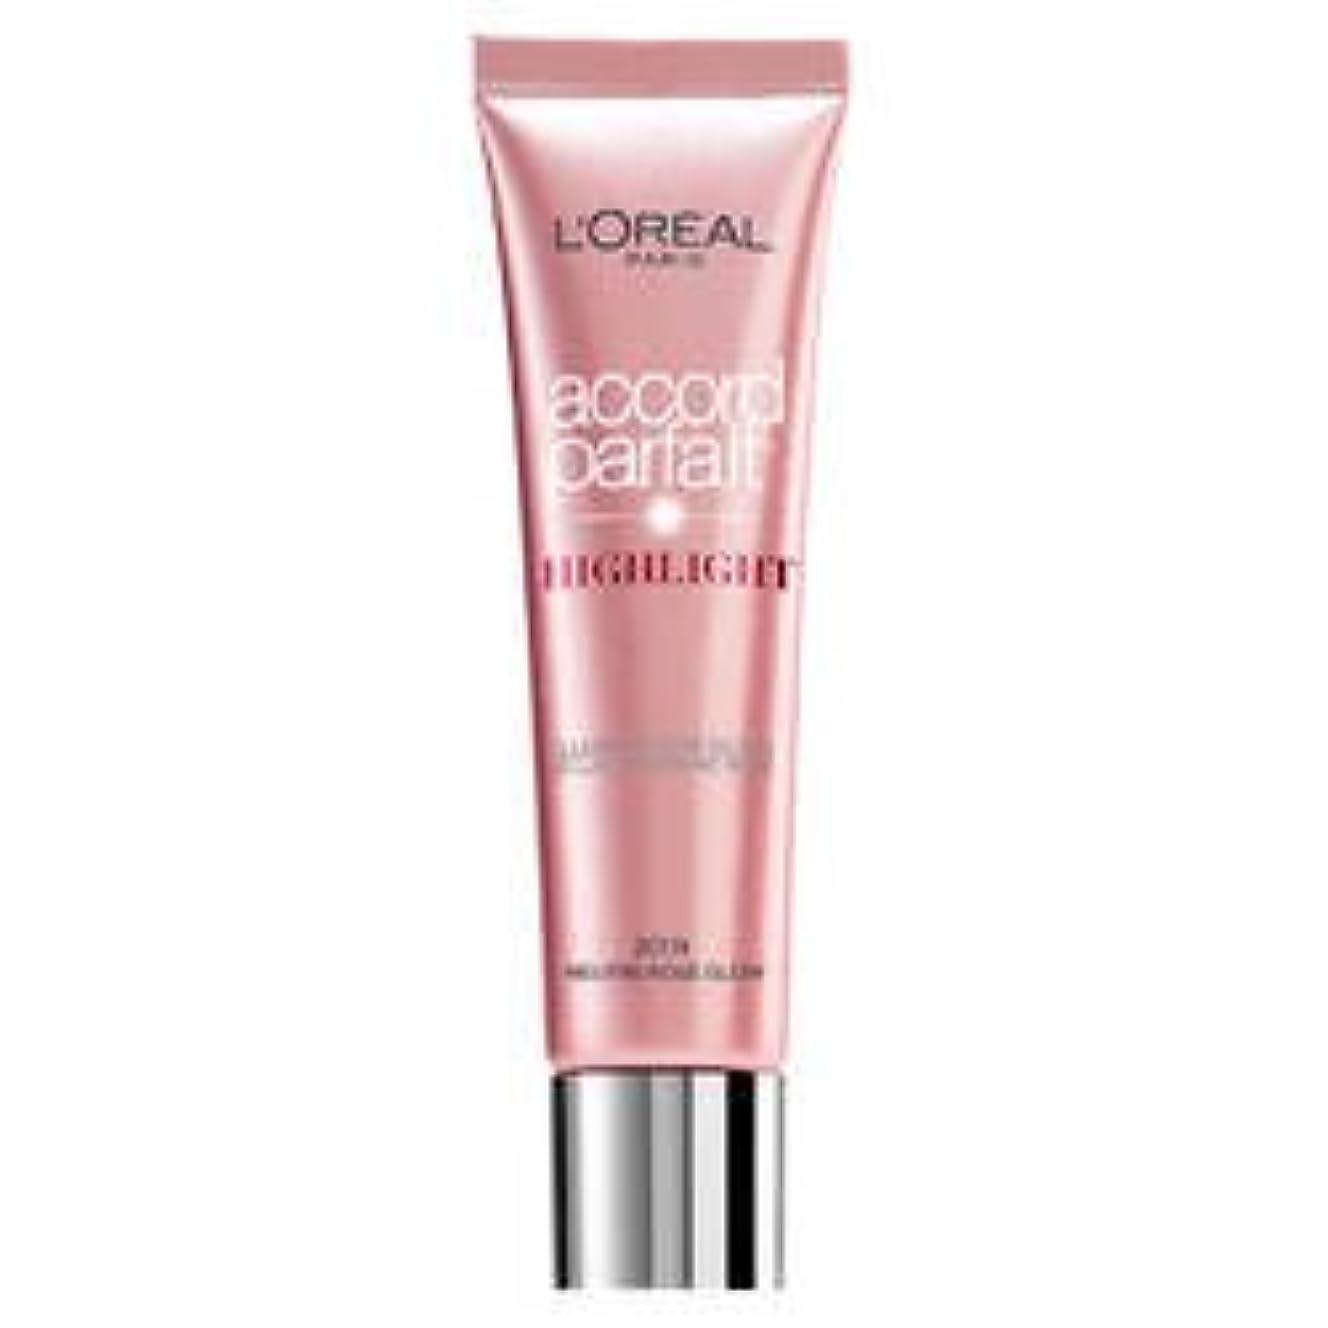 無視する抑制する一部L 'Oréal Paris - ACCORD PARFAIT Highlight Enlumineur Liquide - 201 Rose